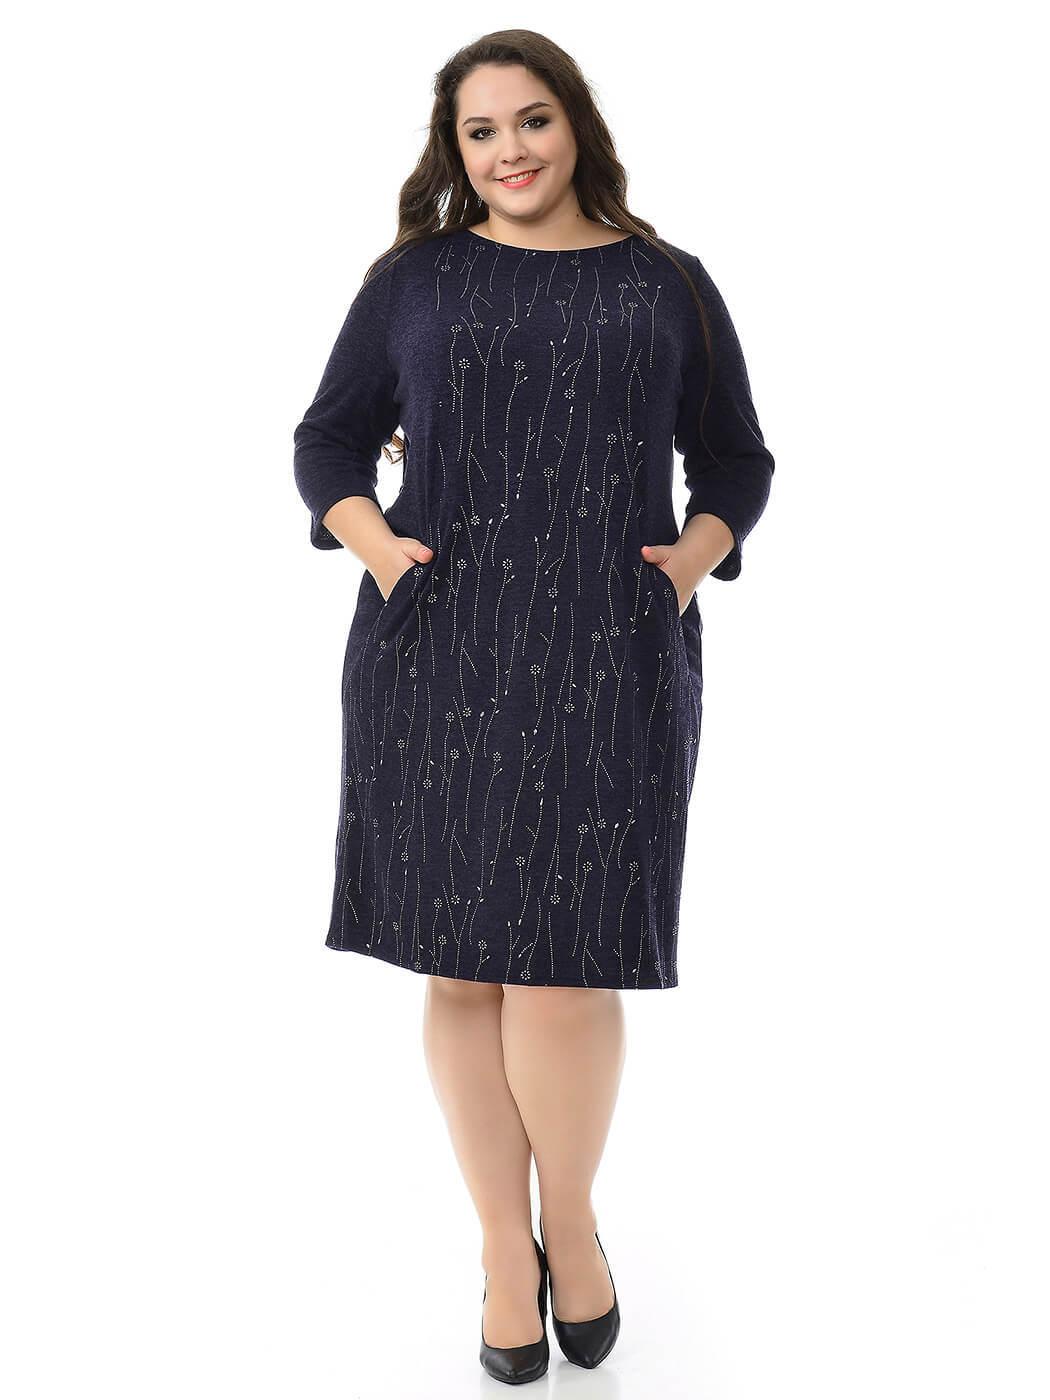 Темно-синее теплое платье 76 размера